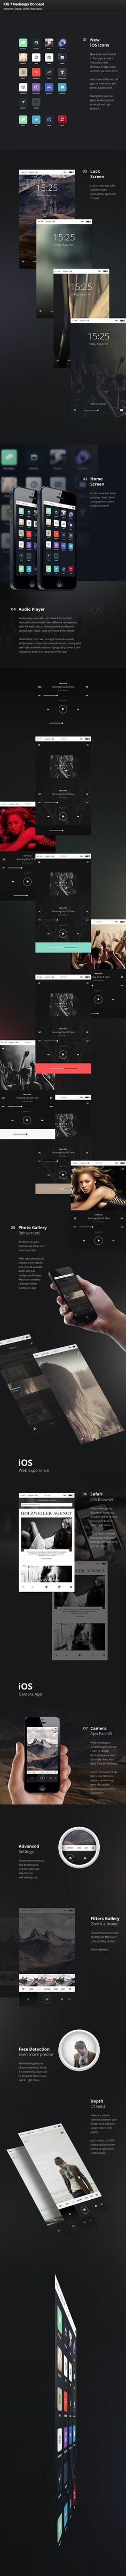 iOS 7 Redesign Concept by Alexey Masalov